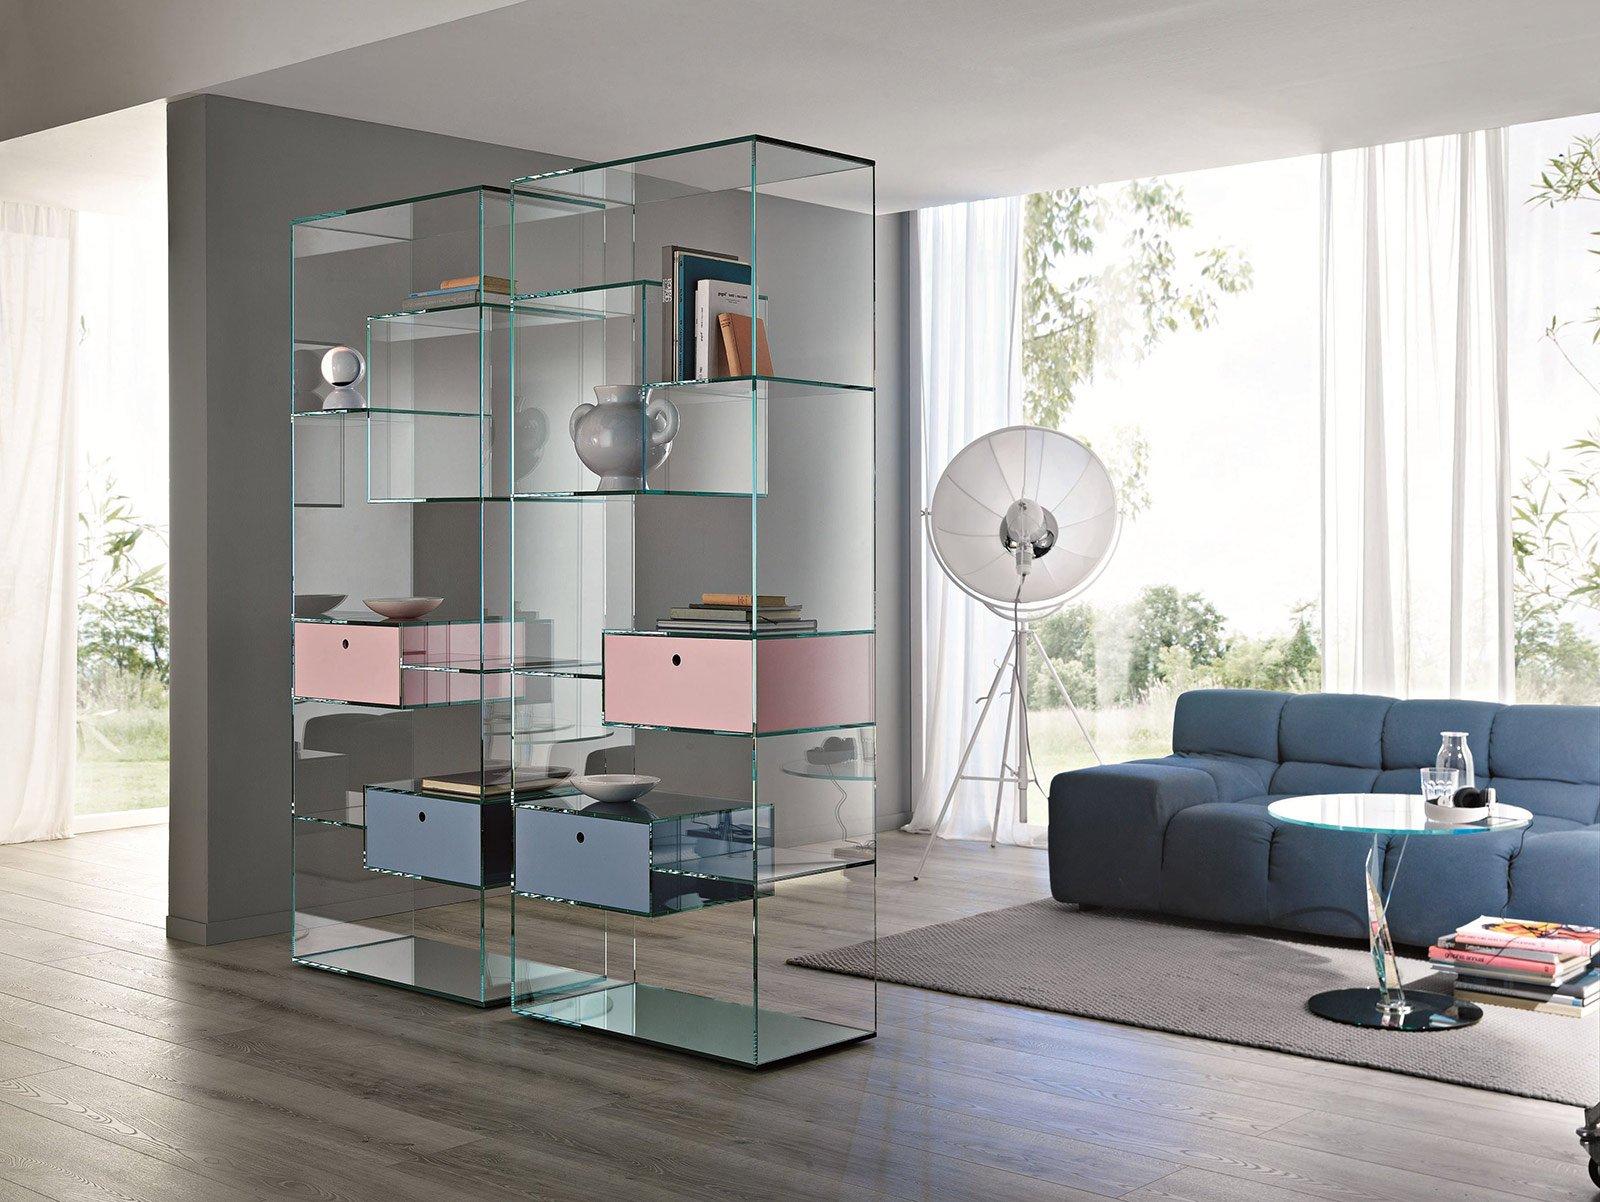 divisori casa. librerie moderne laccate with divisori casa ... - Mobili Divisori Cucina Soggiorno 2